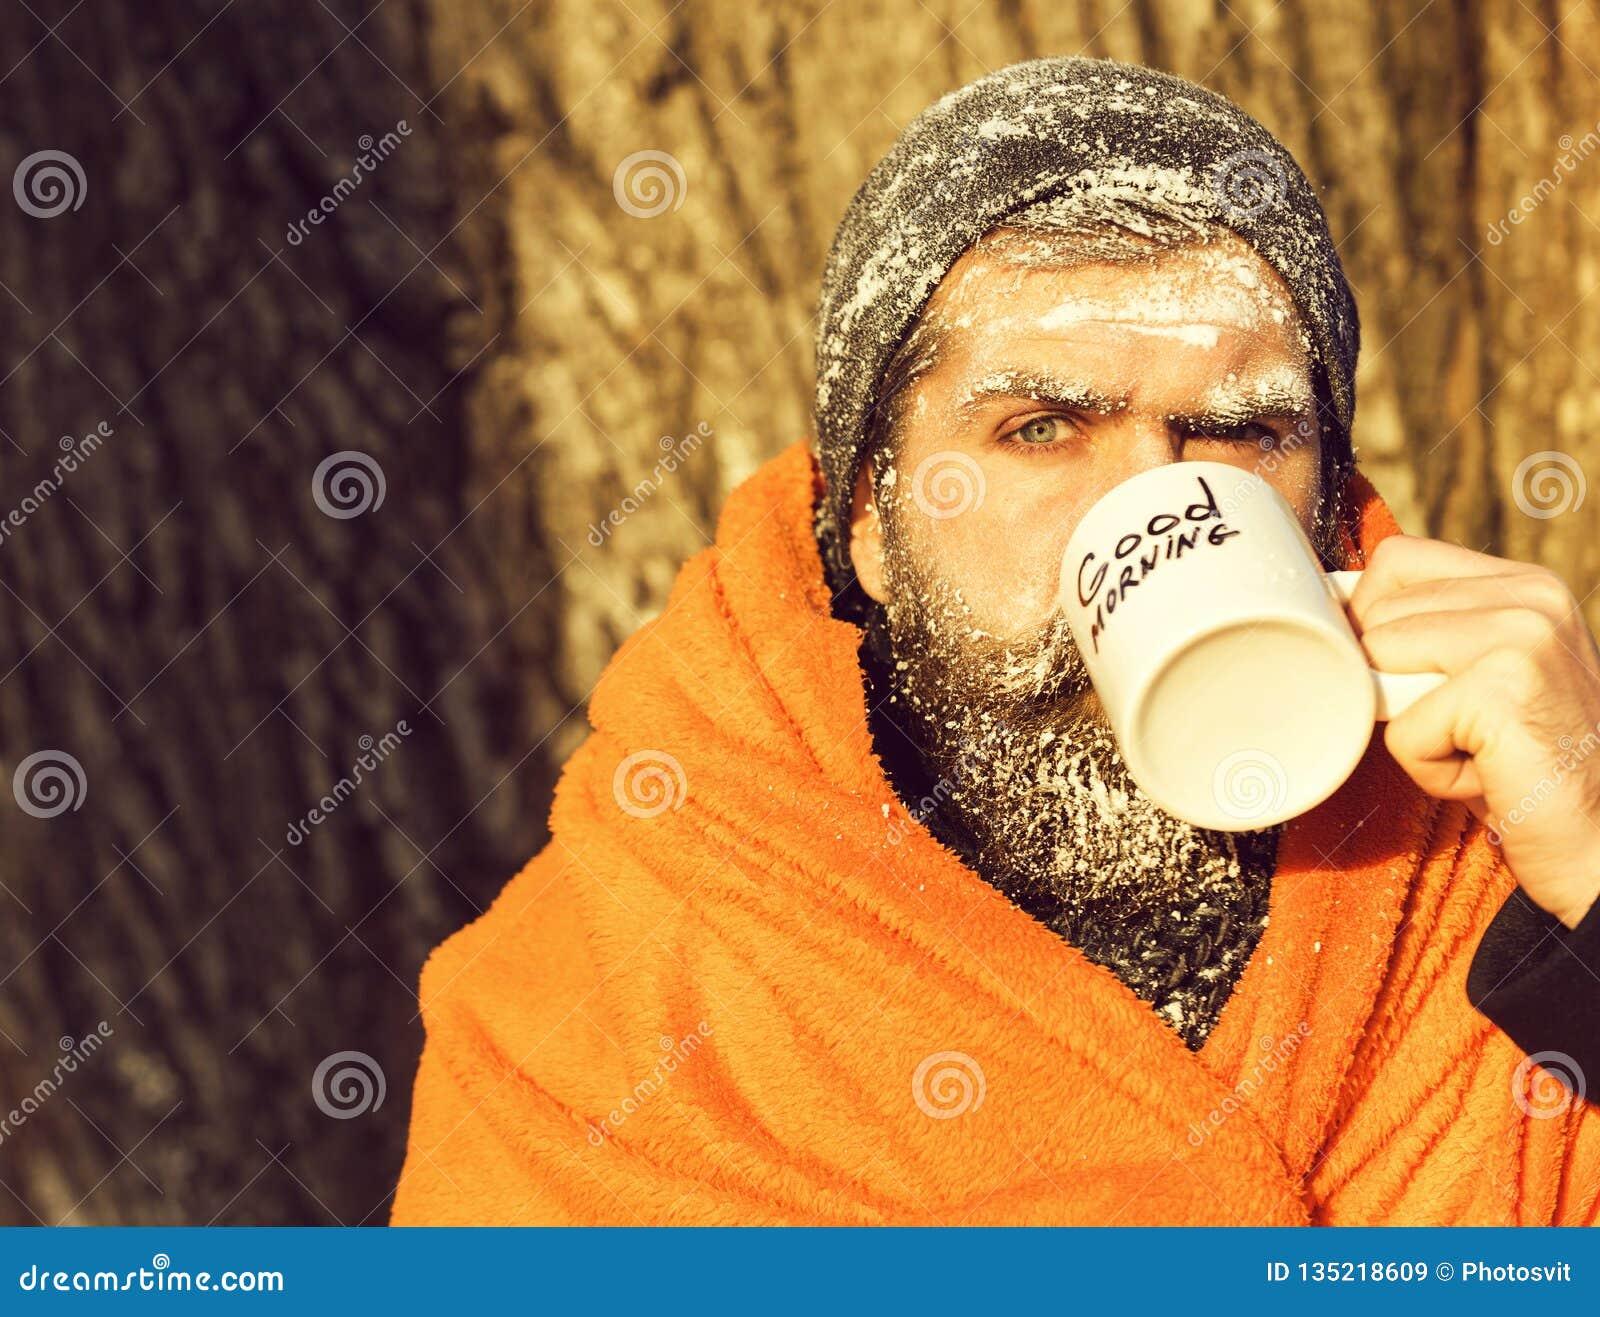 Замороженный человек, бородатый битник, при борода и усик предусматриванные с белым заморозком обернутые в оранжевом одеяле с гре